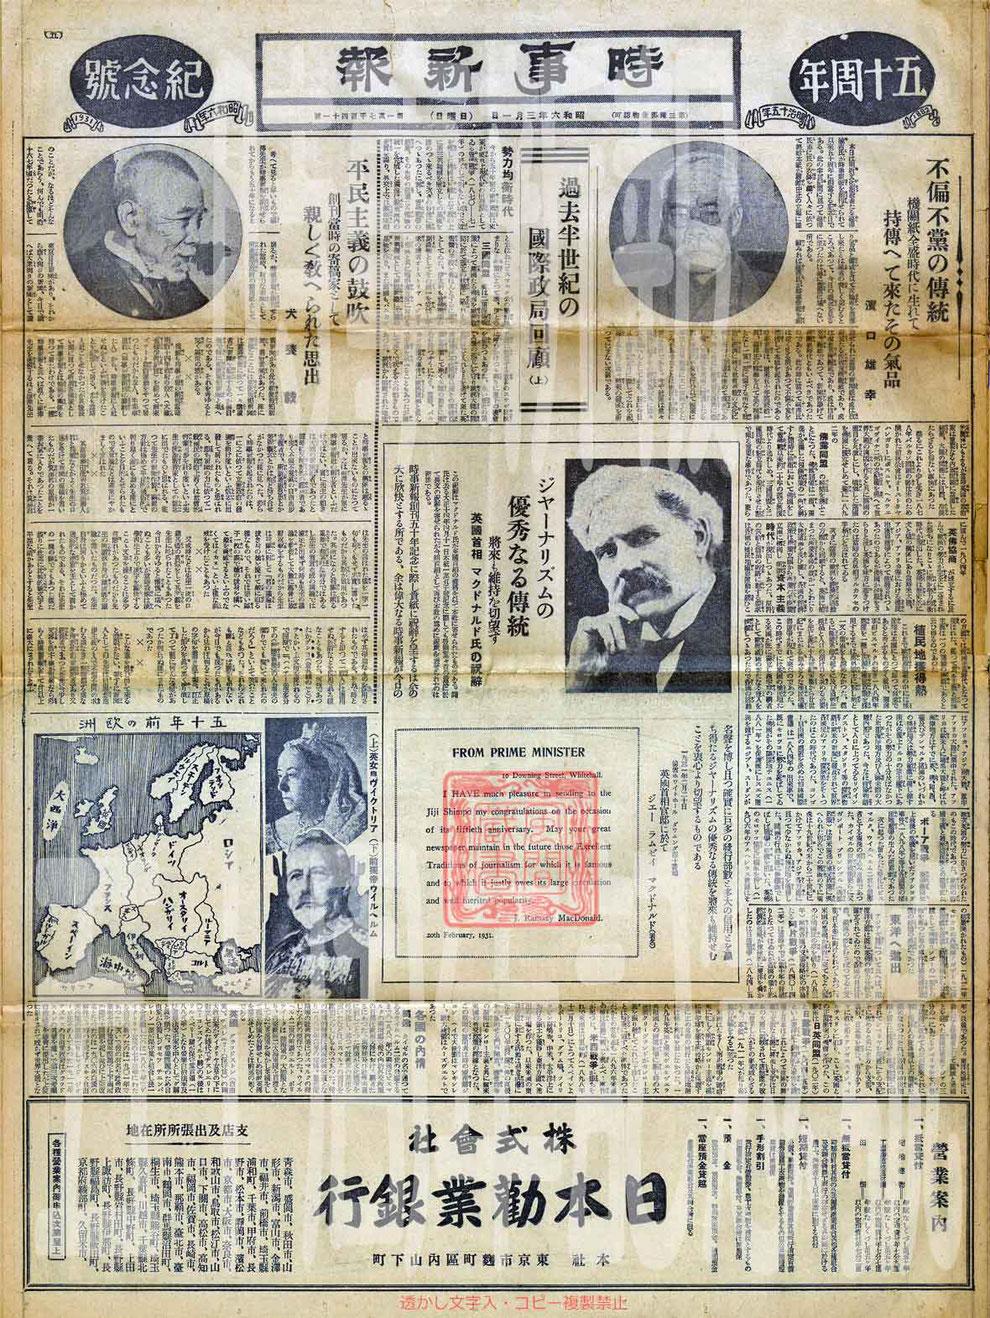 時事新報五十周年記念號・昭和6年3月1日